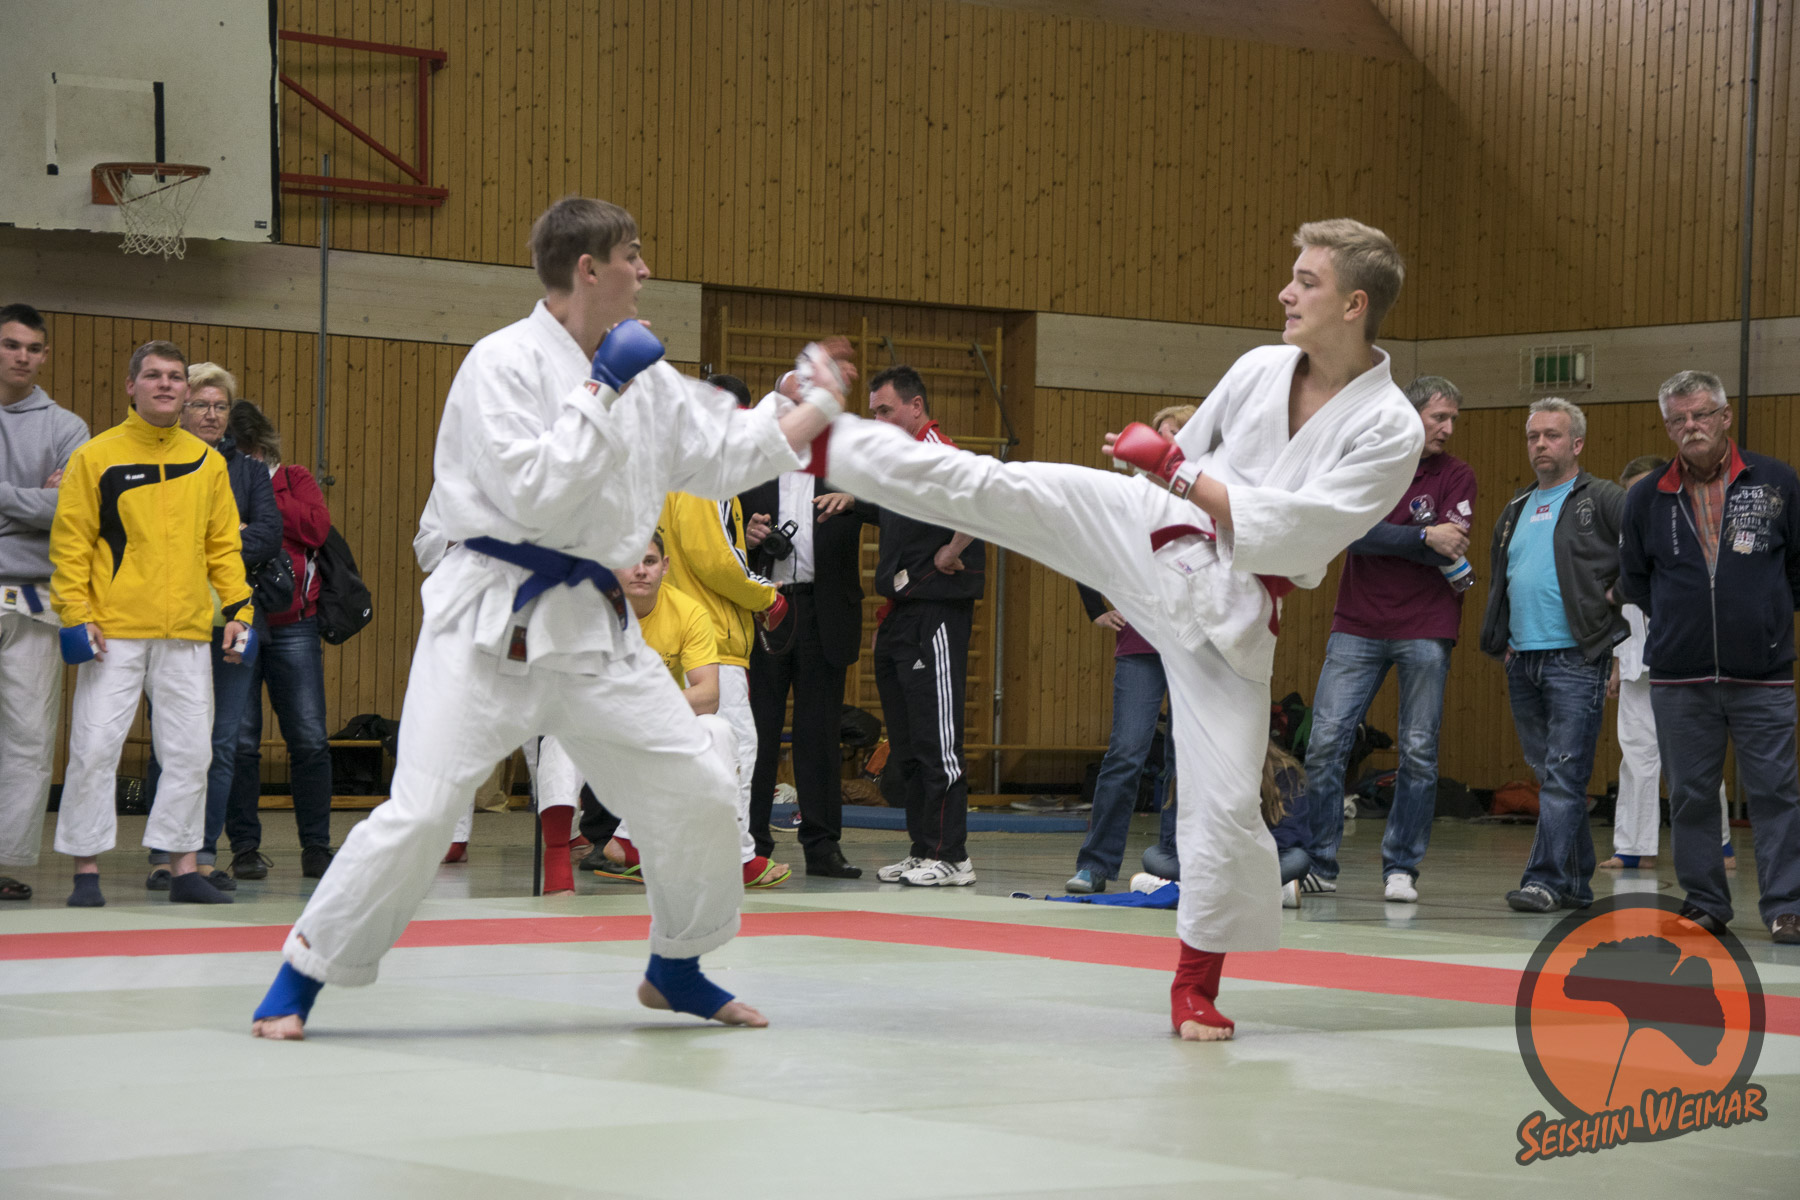 LEM 2015 in Sachsen-Anhalt